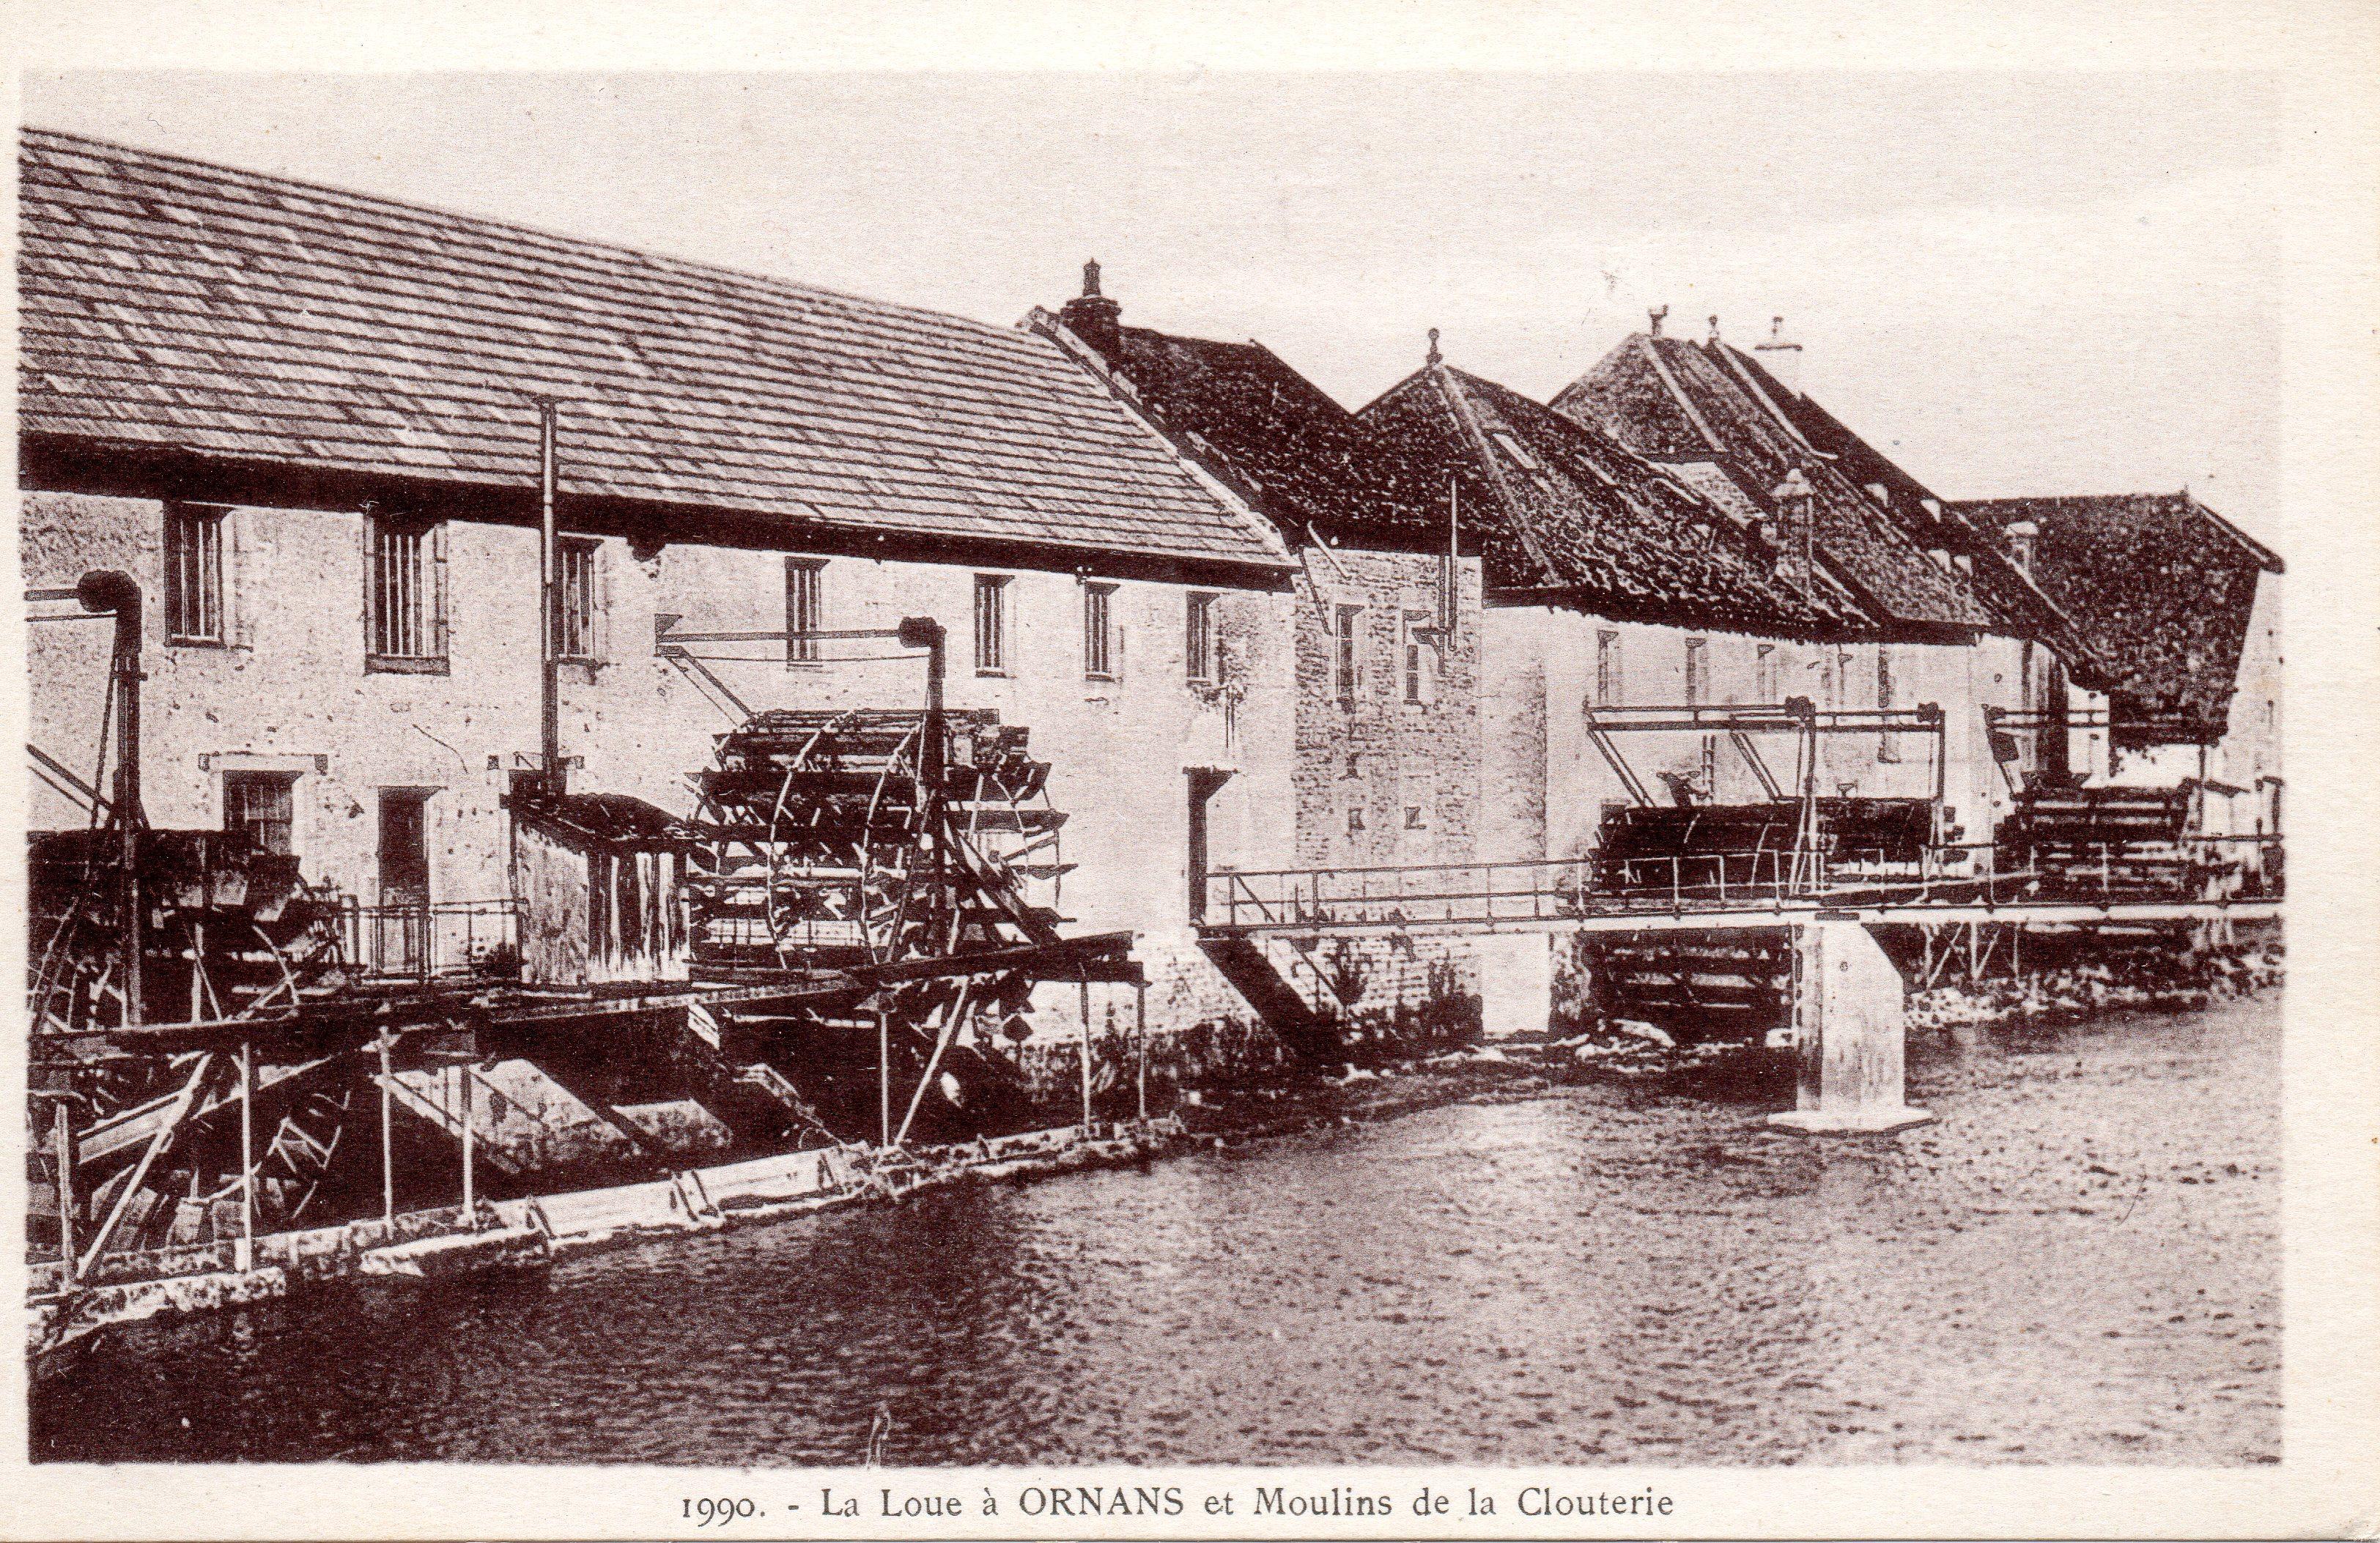 ornans-moulins-loue-2